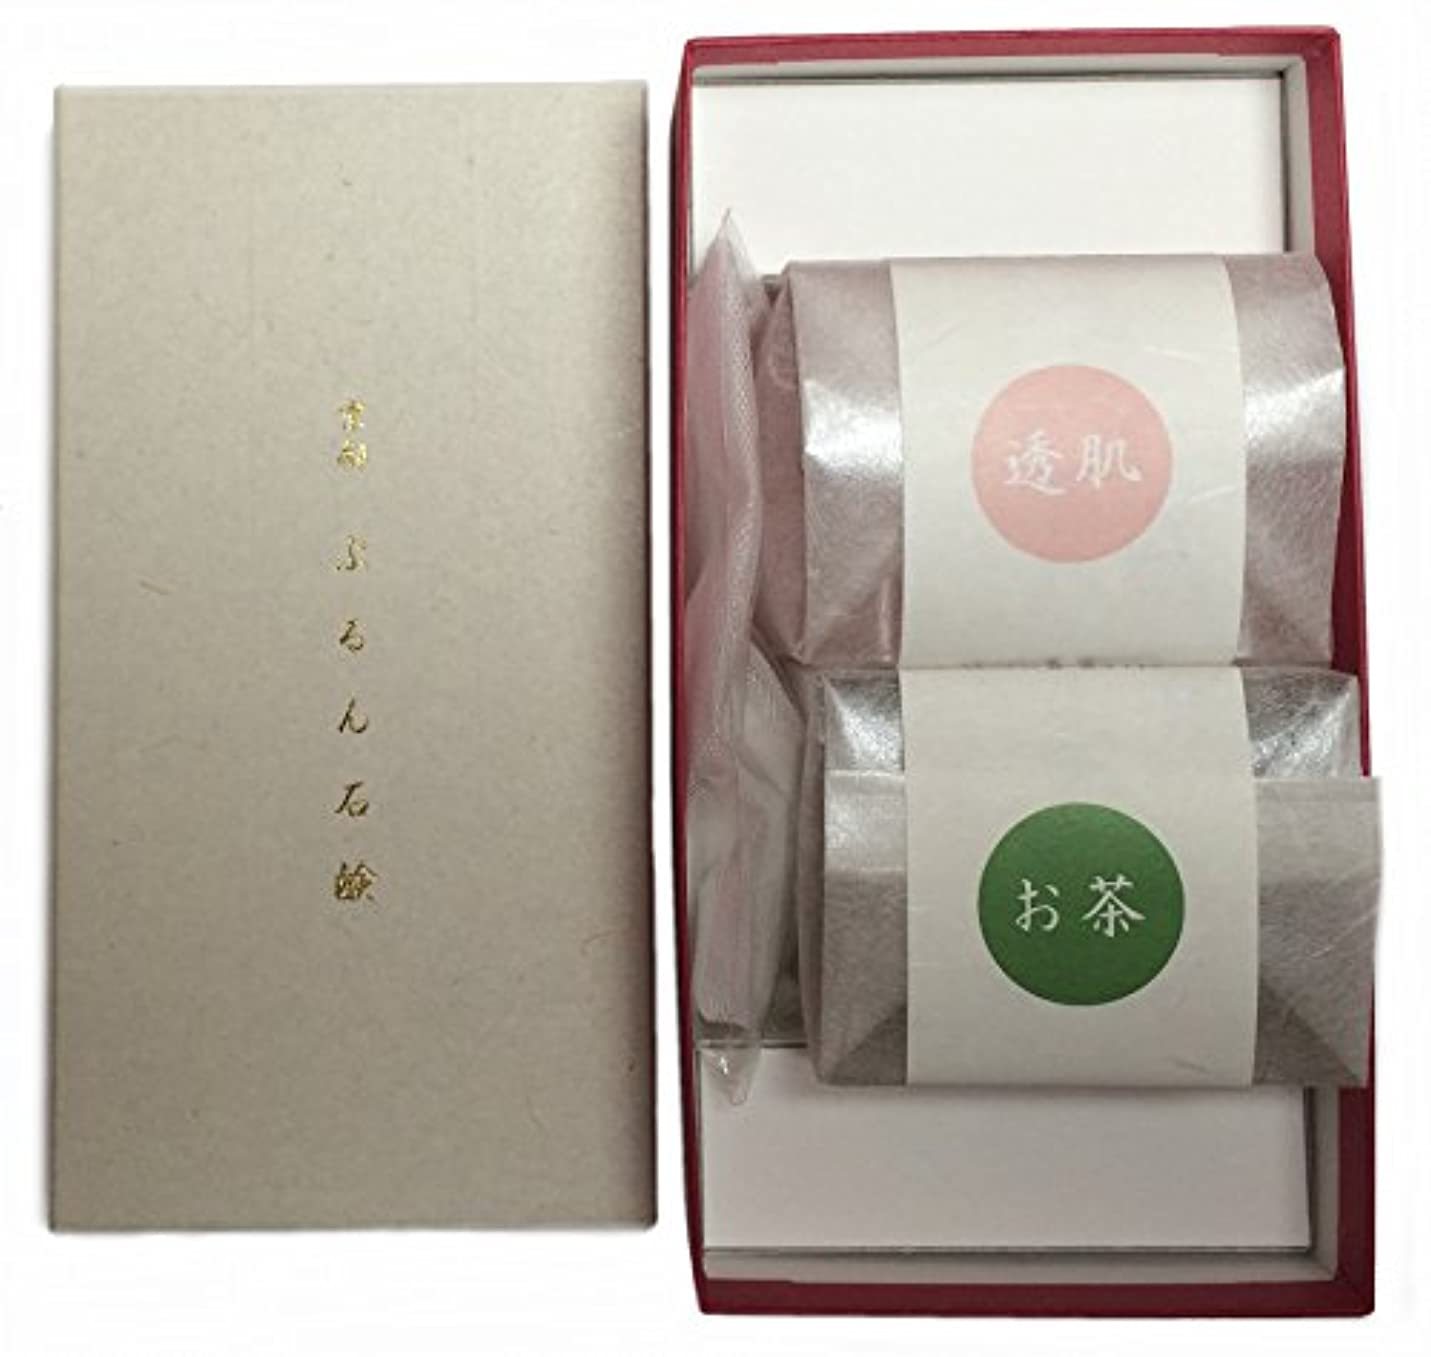 謙虚降雨ほかに京都 ぷるん石鹸 ピュアソープ ヒアルロン酸 コラーゲン ギフトボックス 2種2個セット